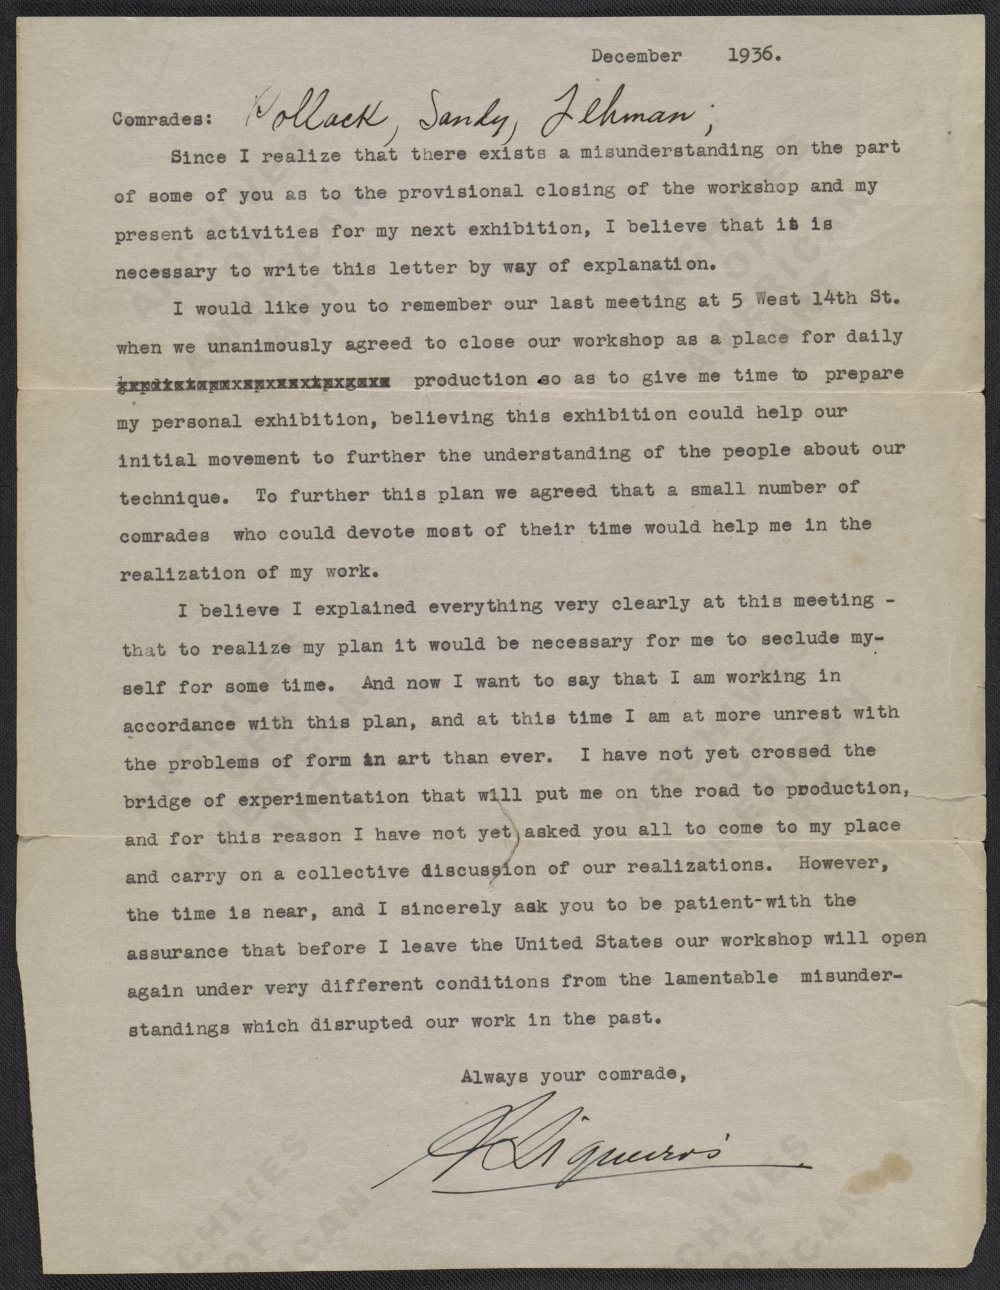 David Alfaro Siqueiros' letter to Jackosn Pollock, Sande Pollock, and Harold Lehman, December of 1936